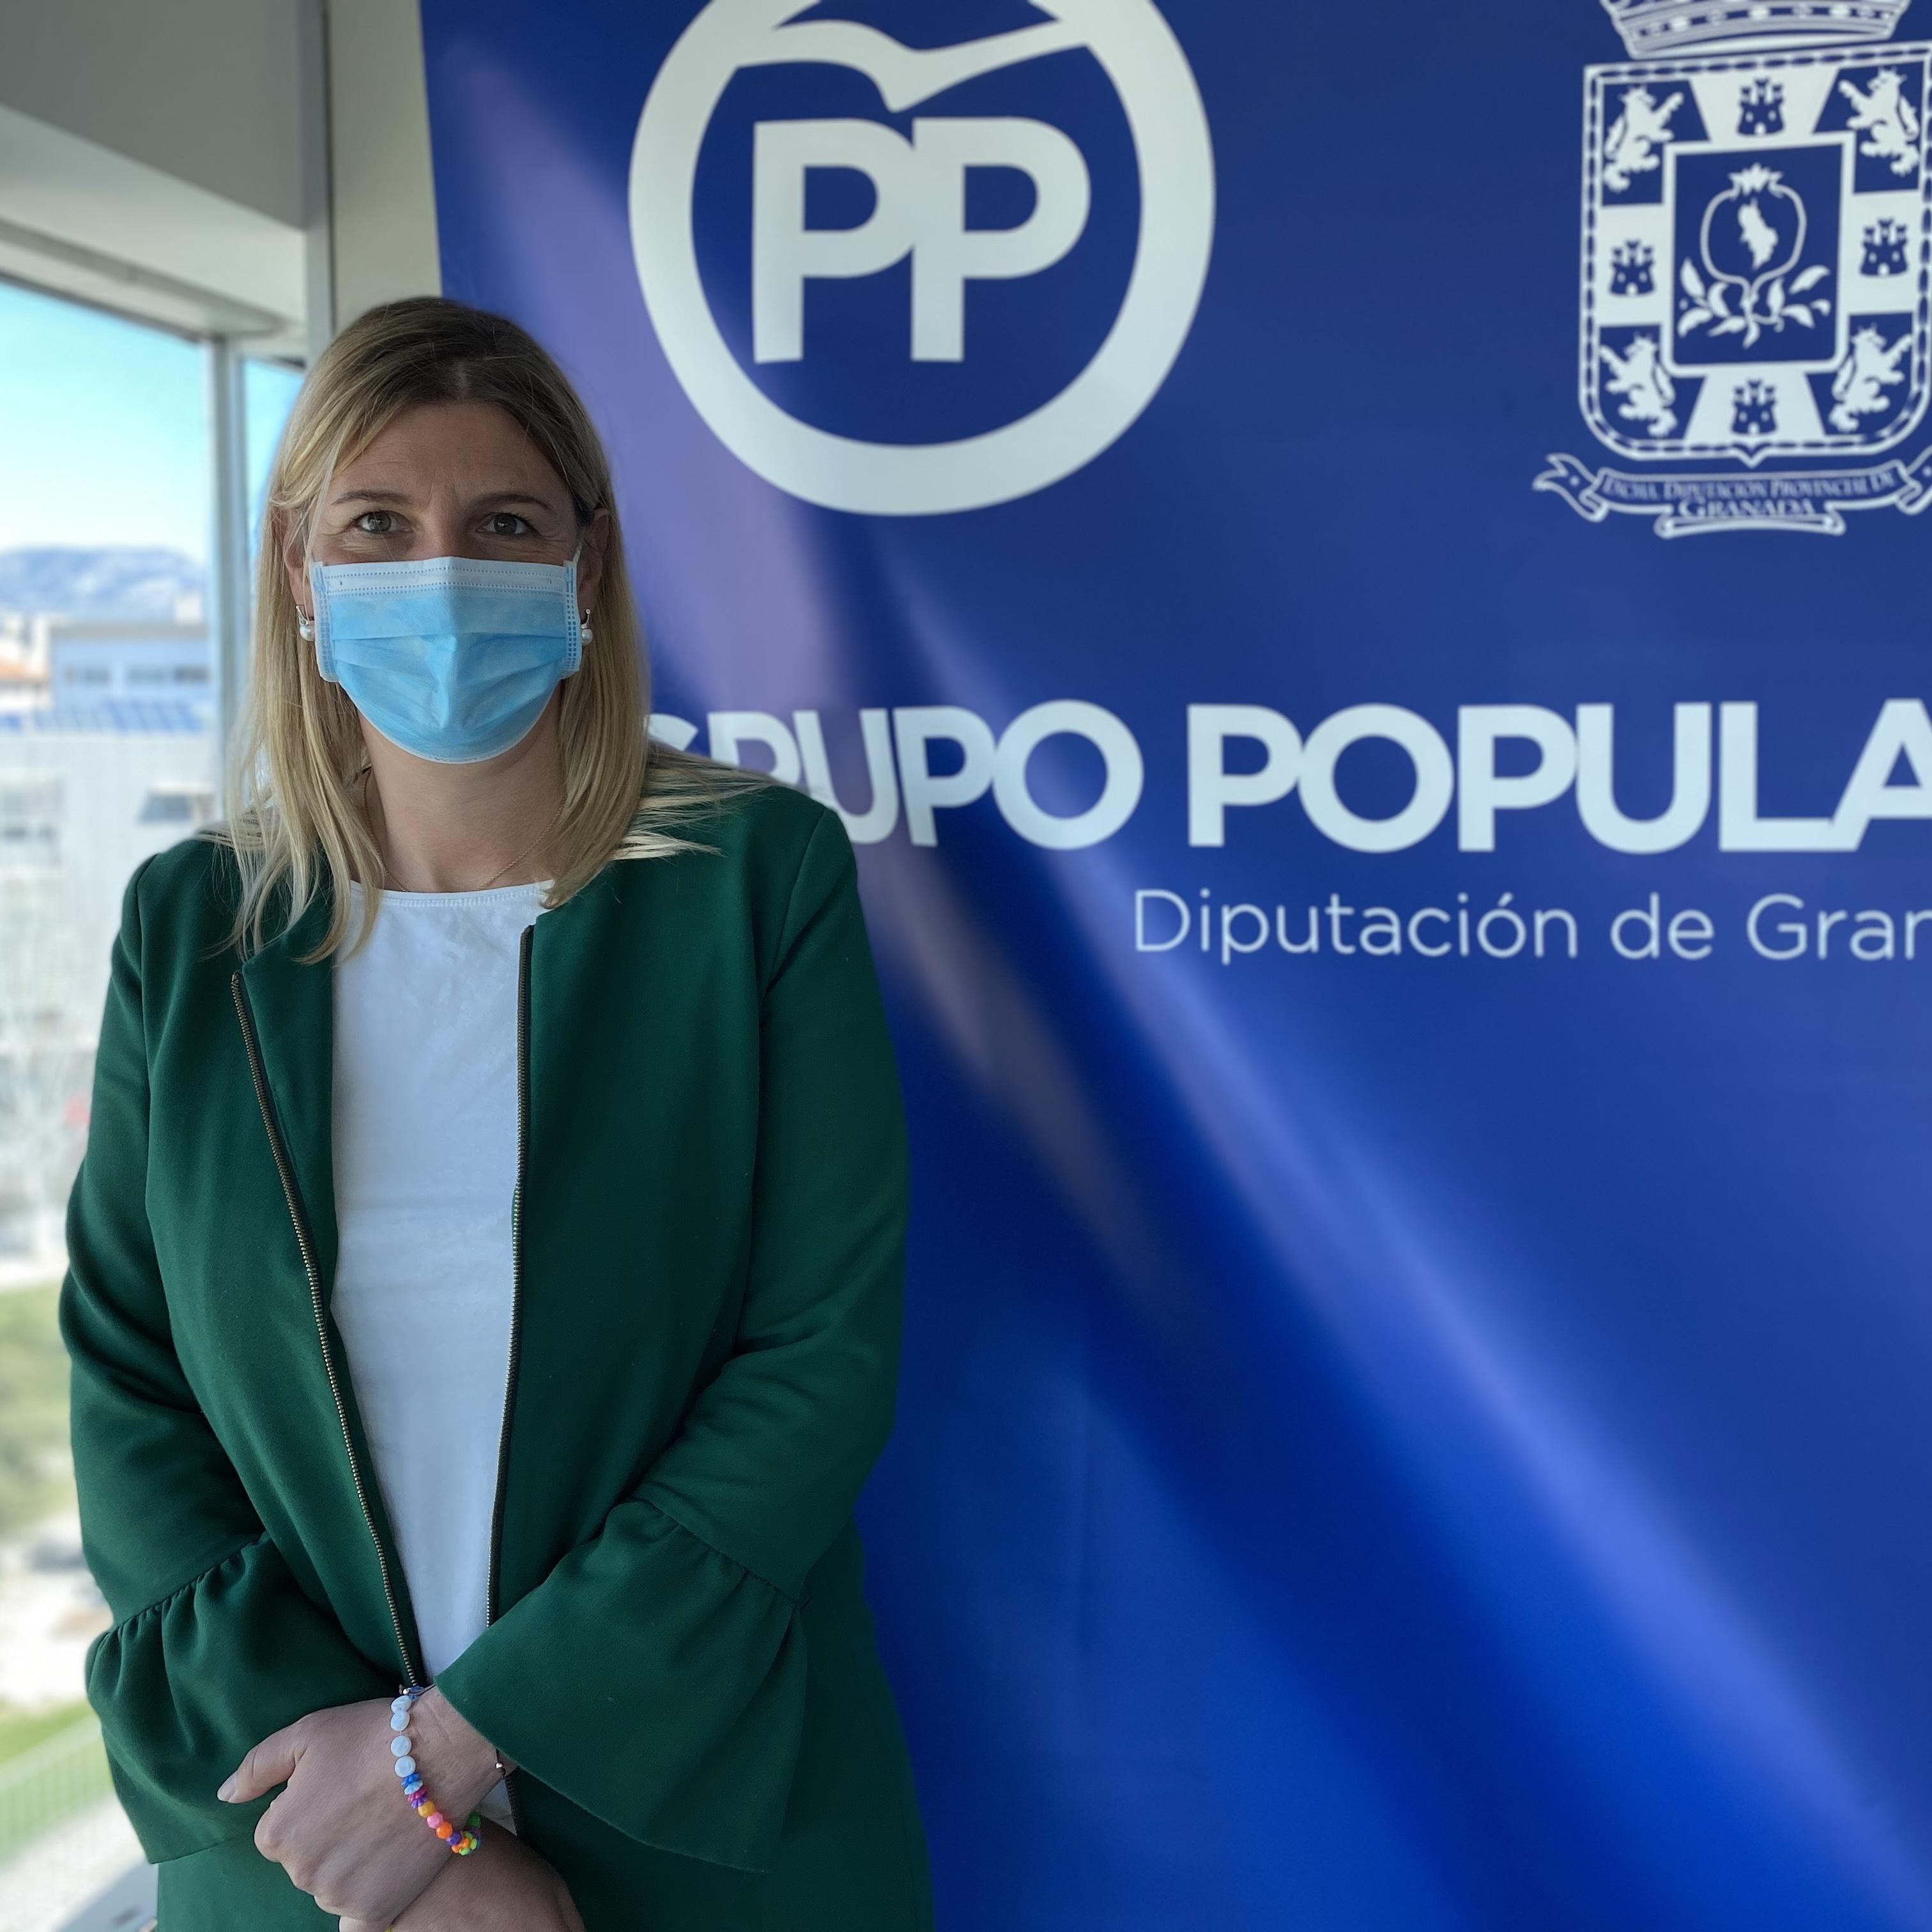 El PP pide que Diputación reconozca la labor realizada por Fuerzas Armadas y el Madoc en su XXV aniversario